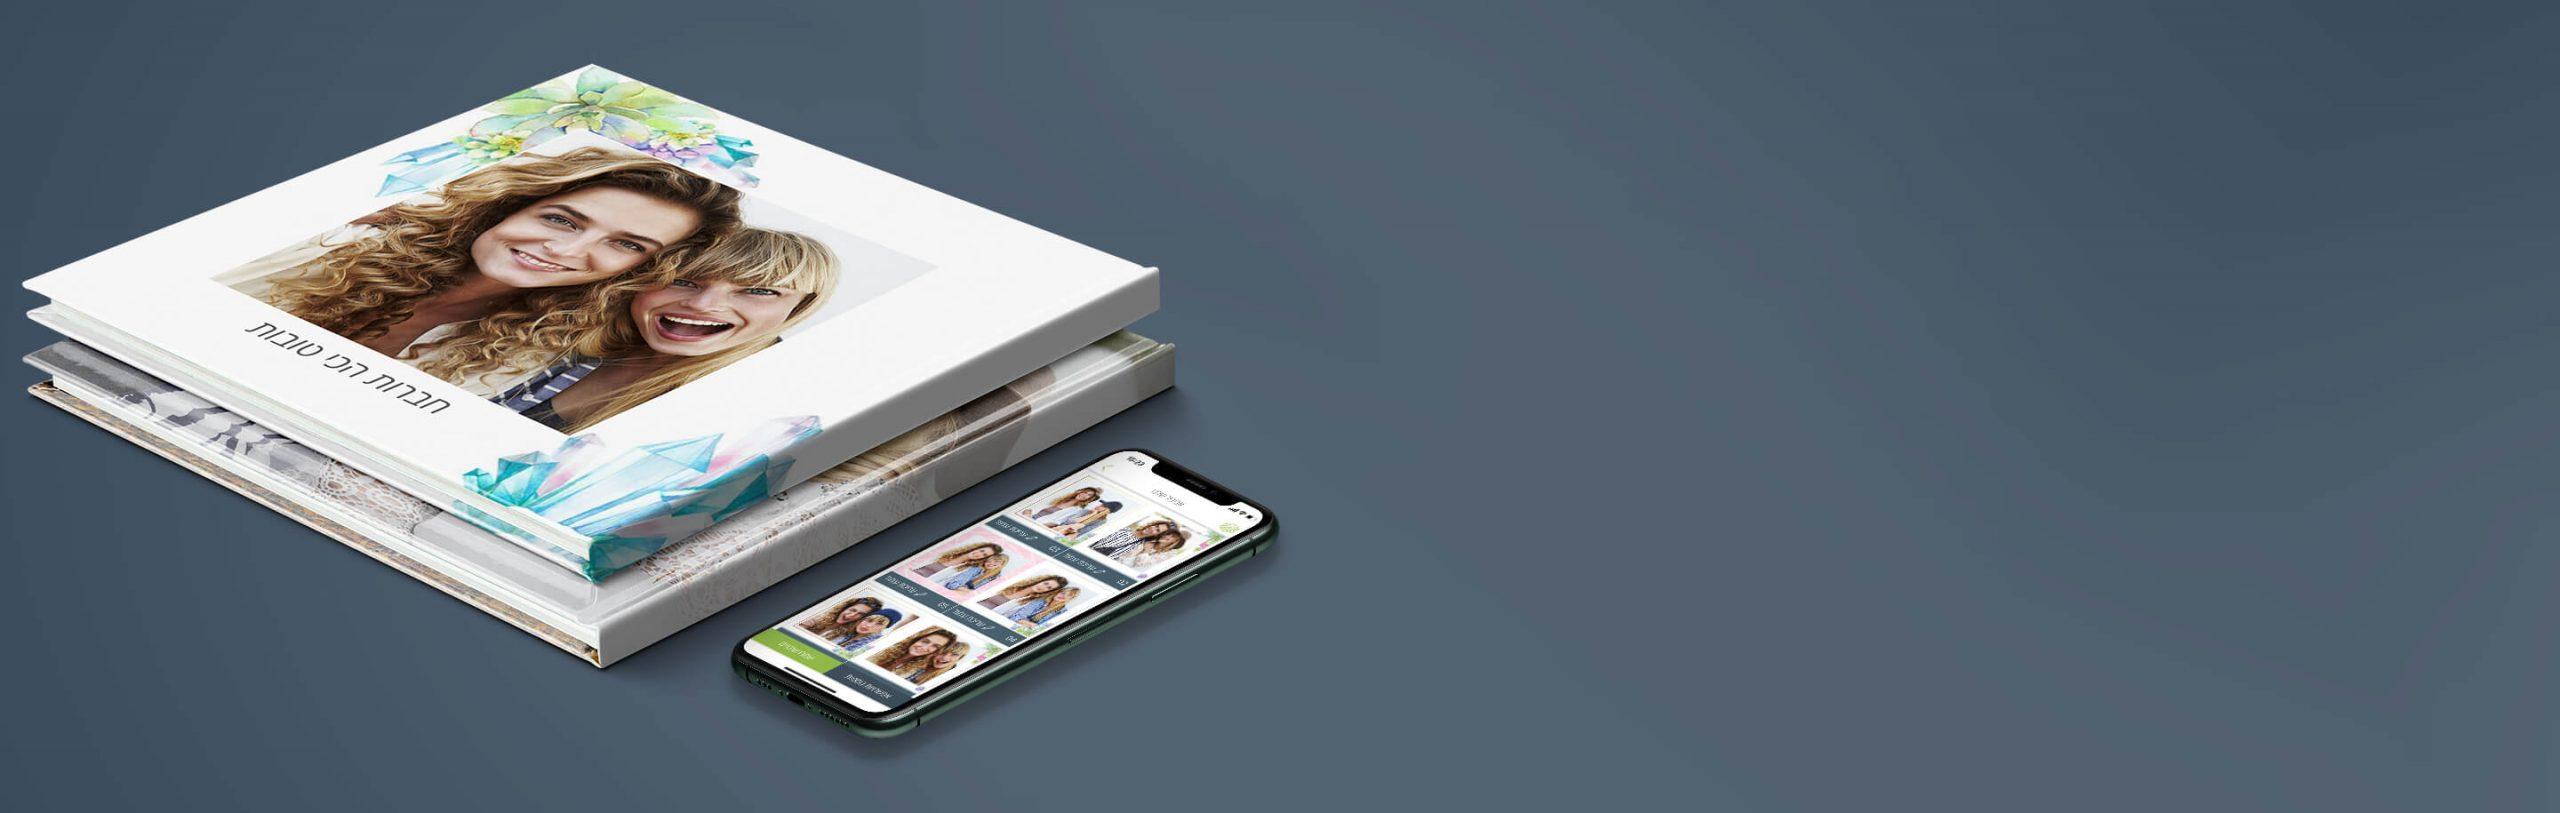 האפליקציה שעושה ברגע ספר מהתמונות שבטלפון